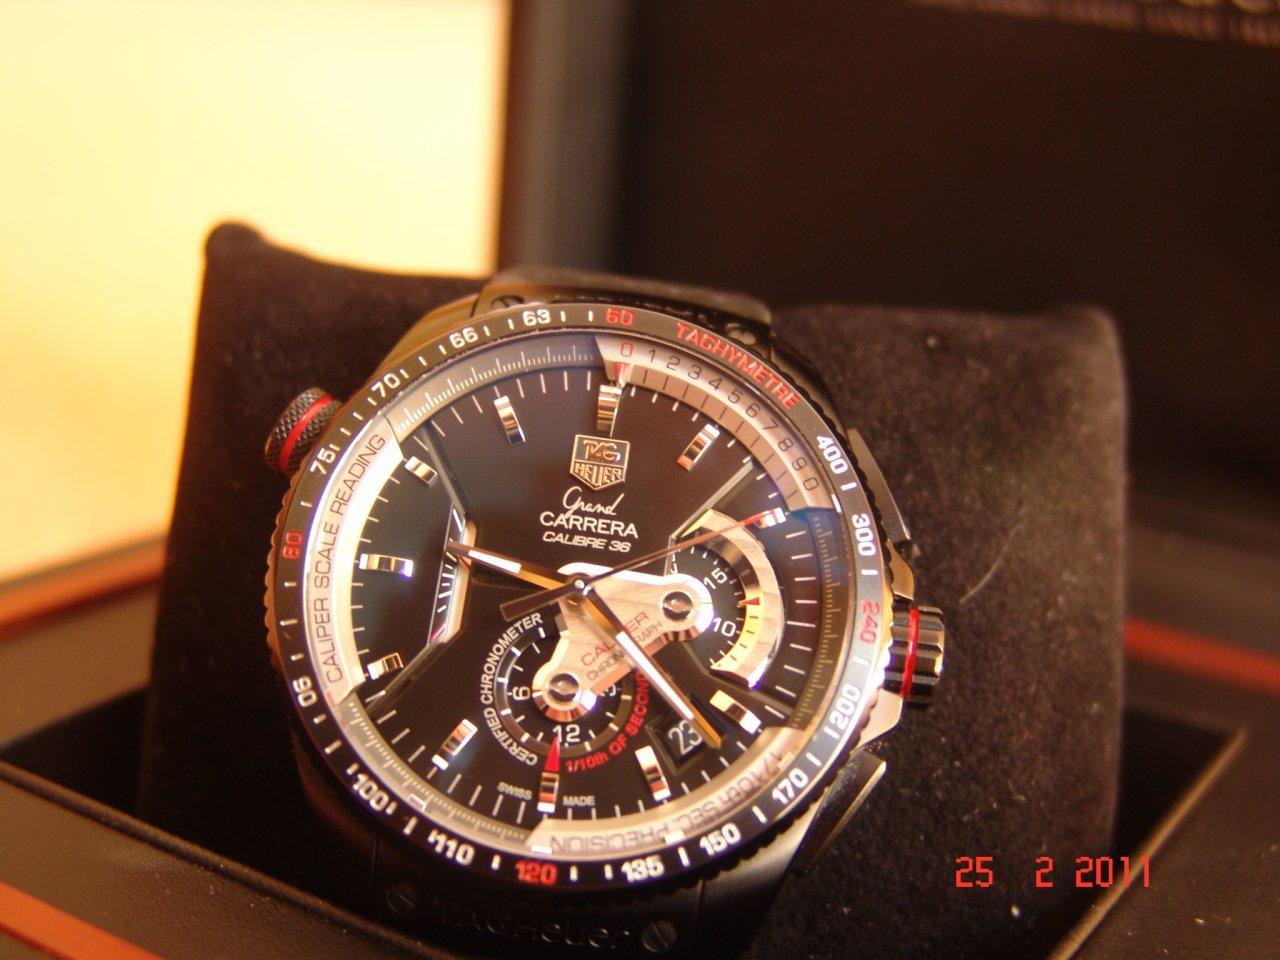 мужские часы tag heuer grand carrera calibre 36 rs2 повышенным потоотделением